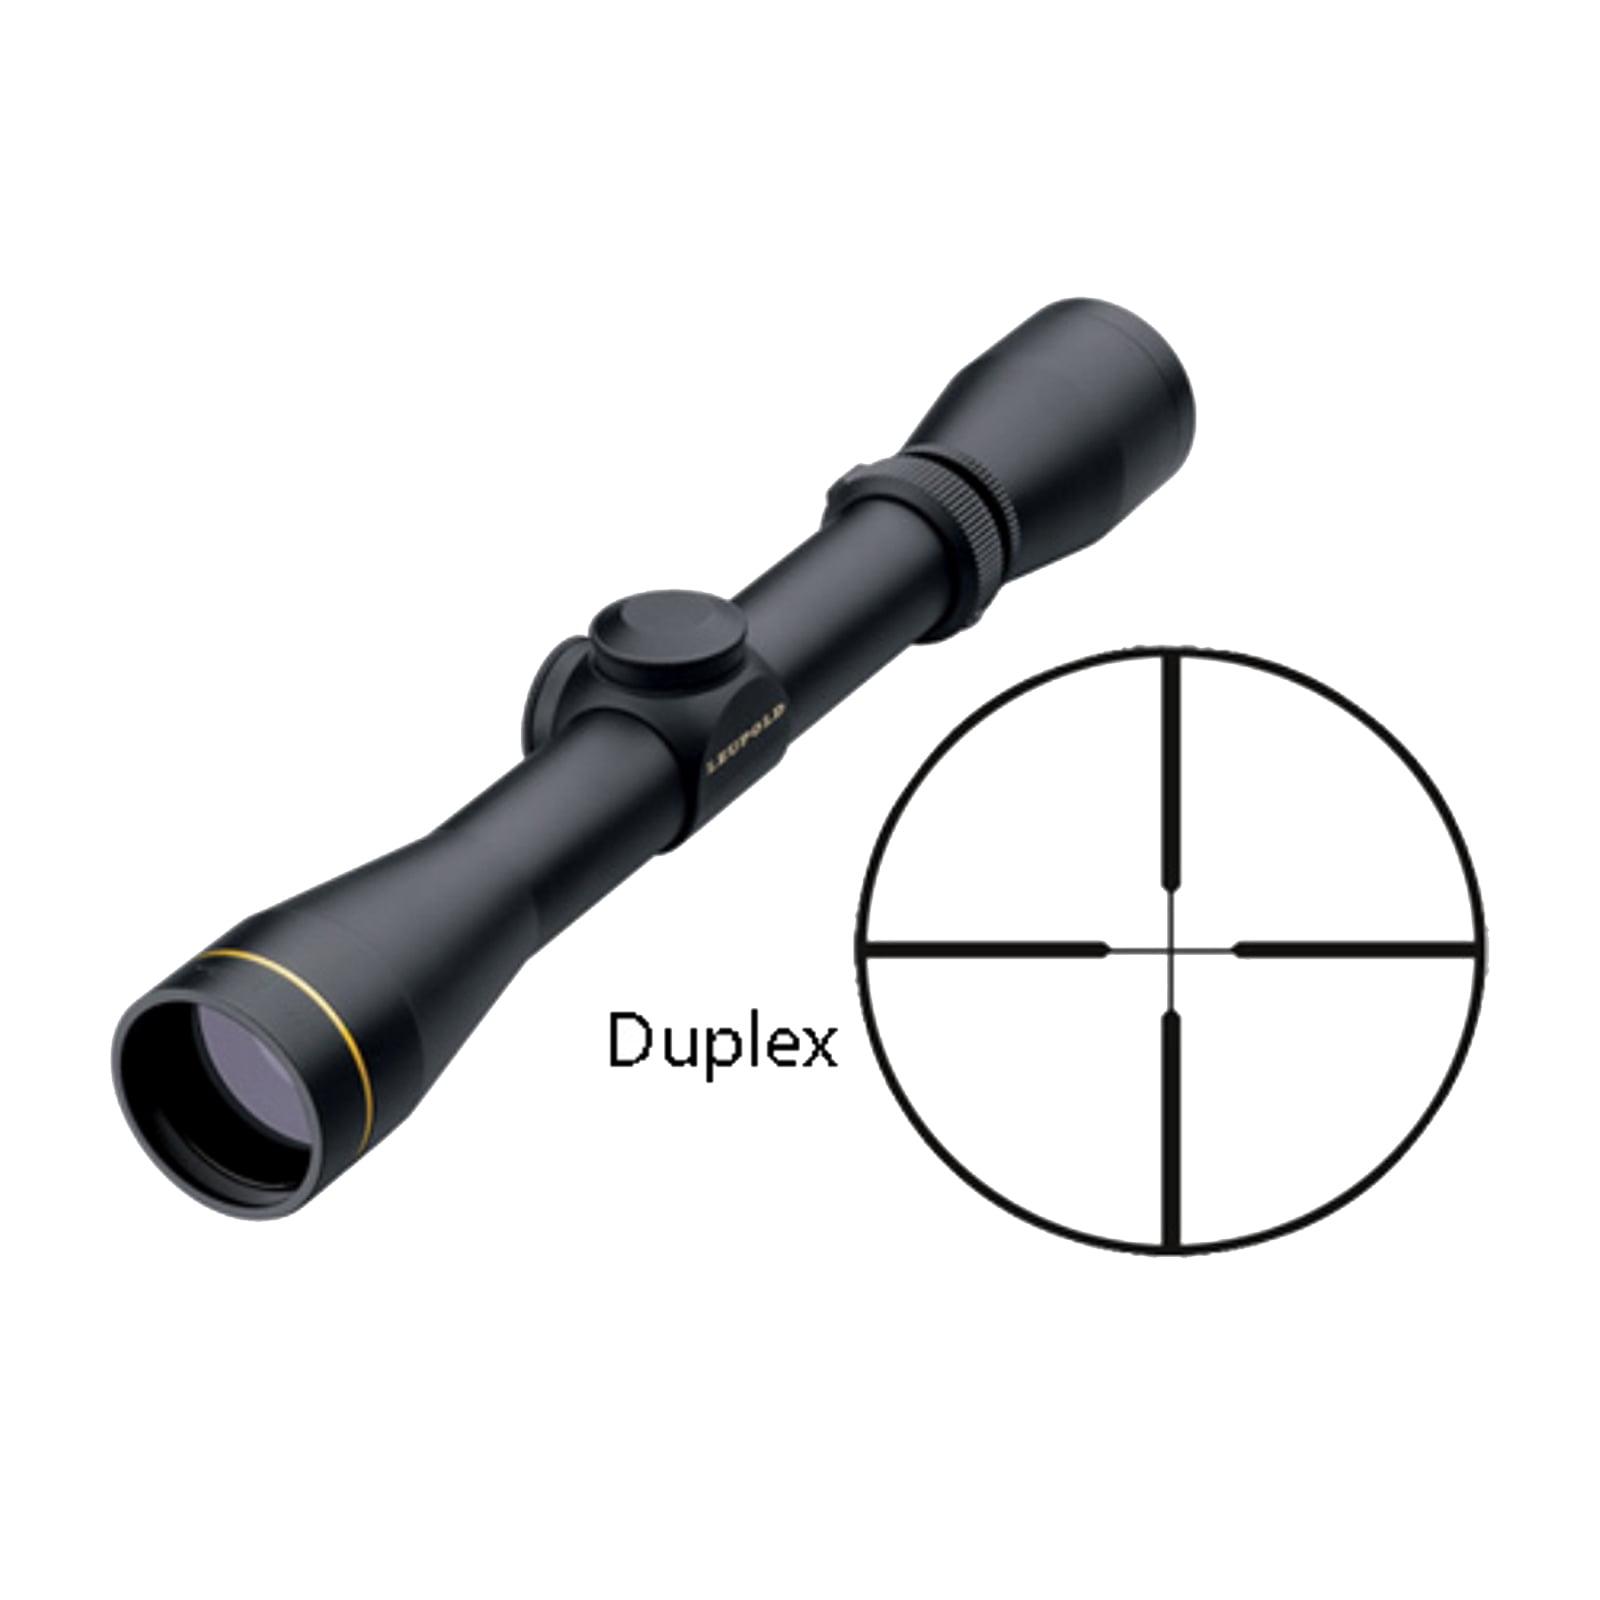 VX-2 2-7x33mm, Matte, Duplex